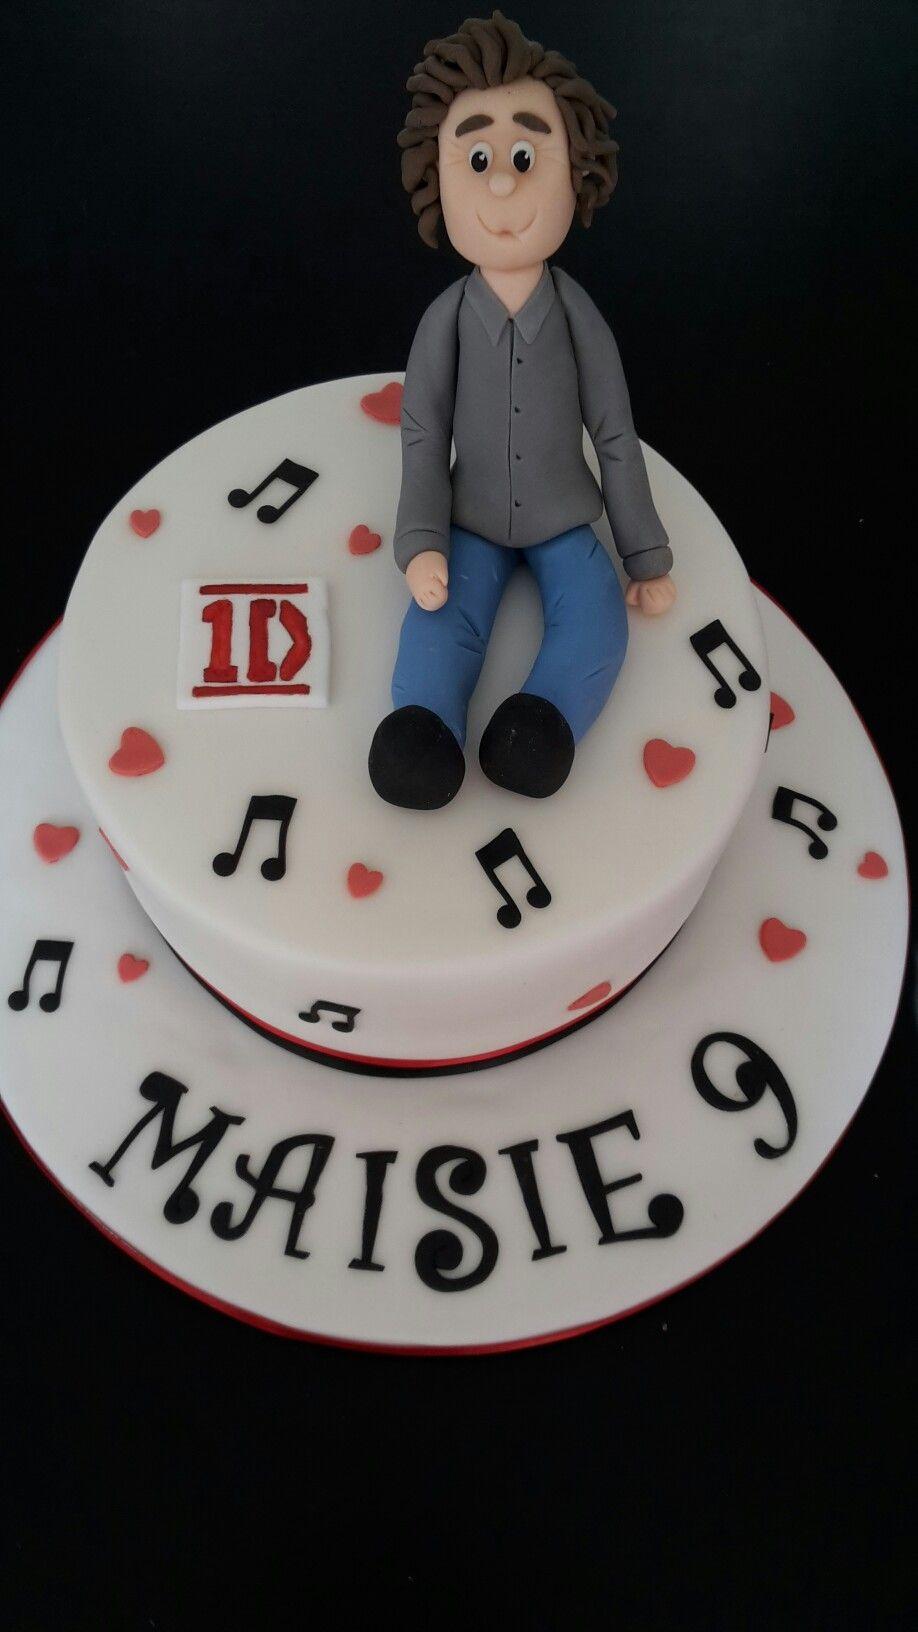 Harry Styles birthday cake childrens Birthday Cakes Pinterest